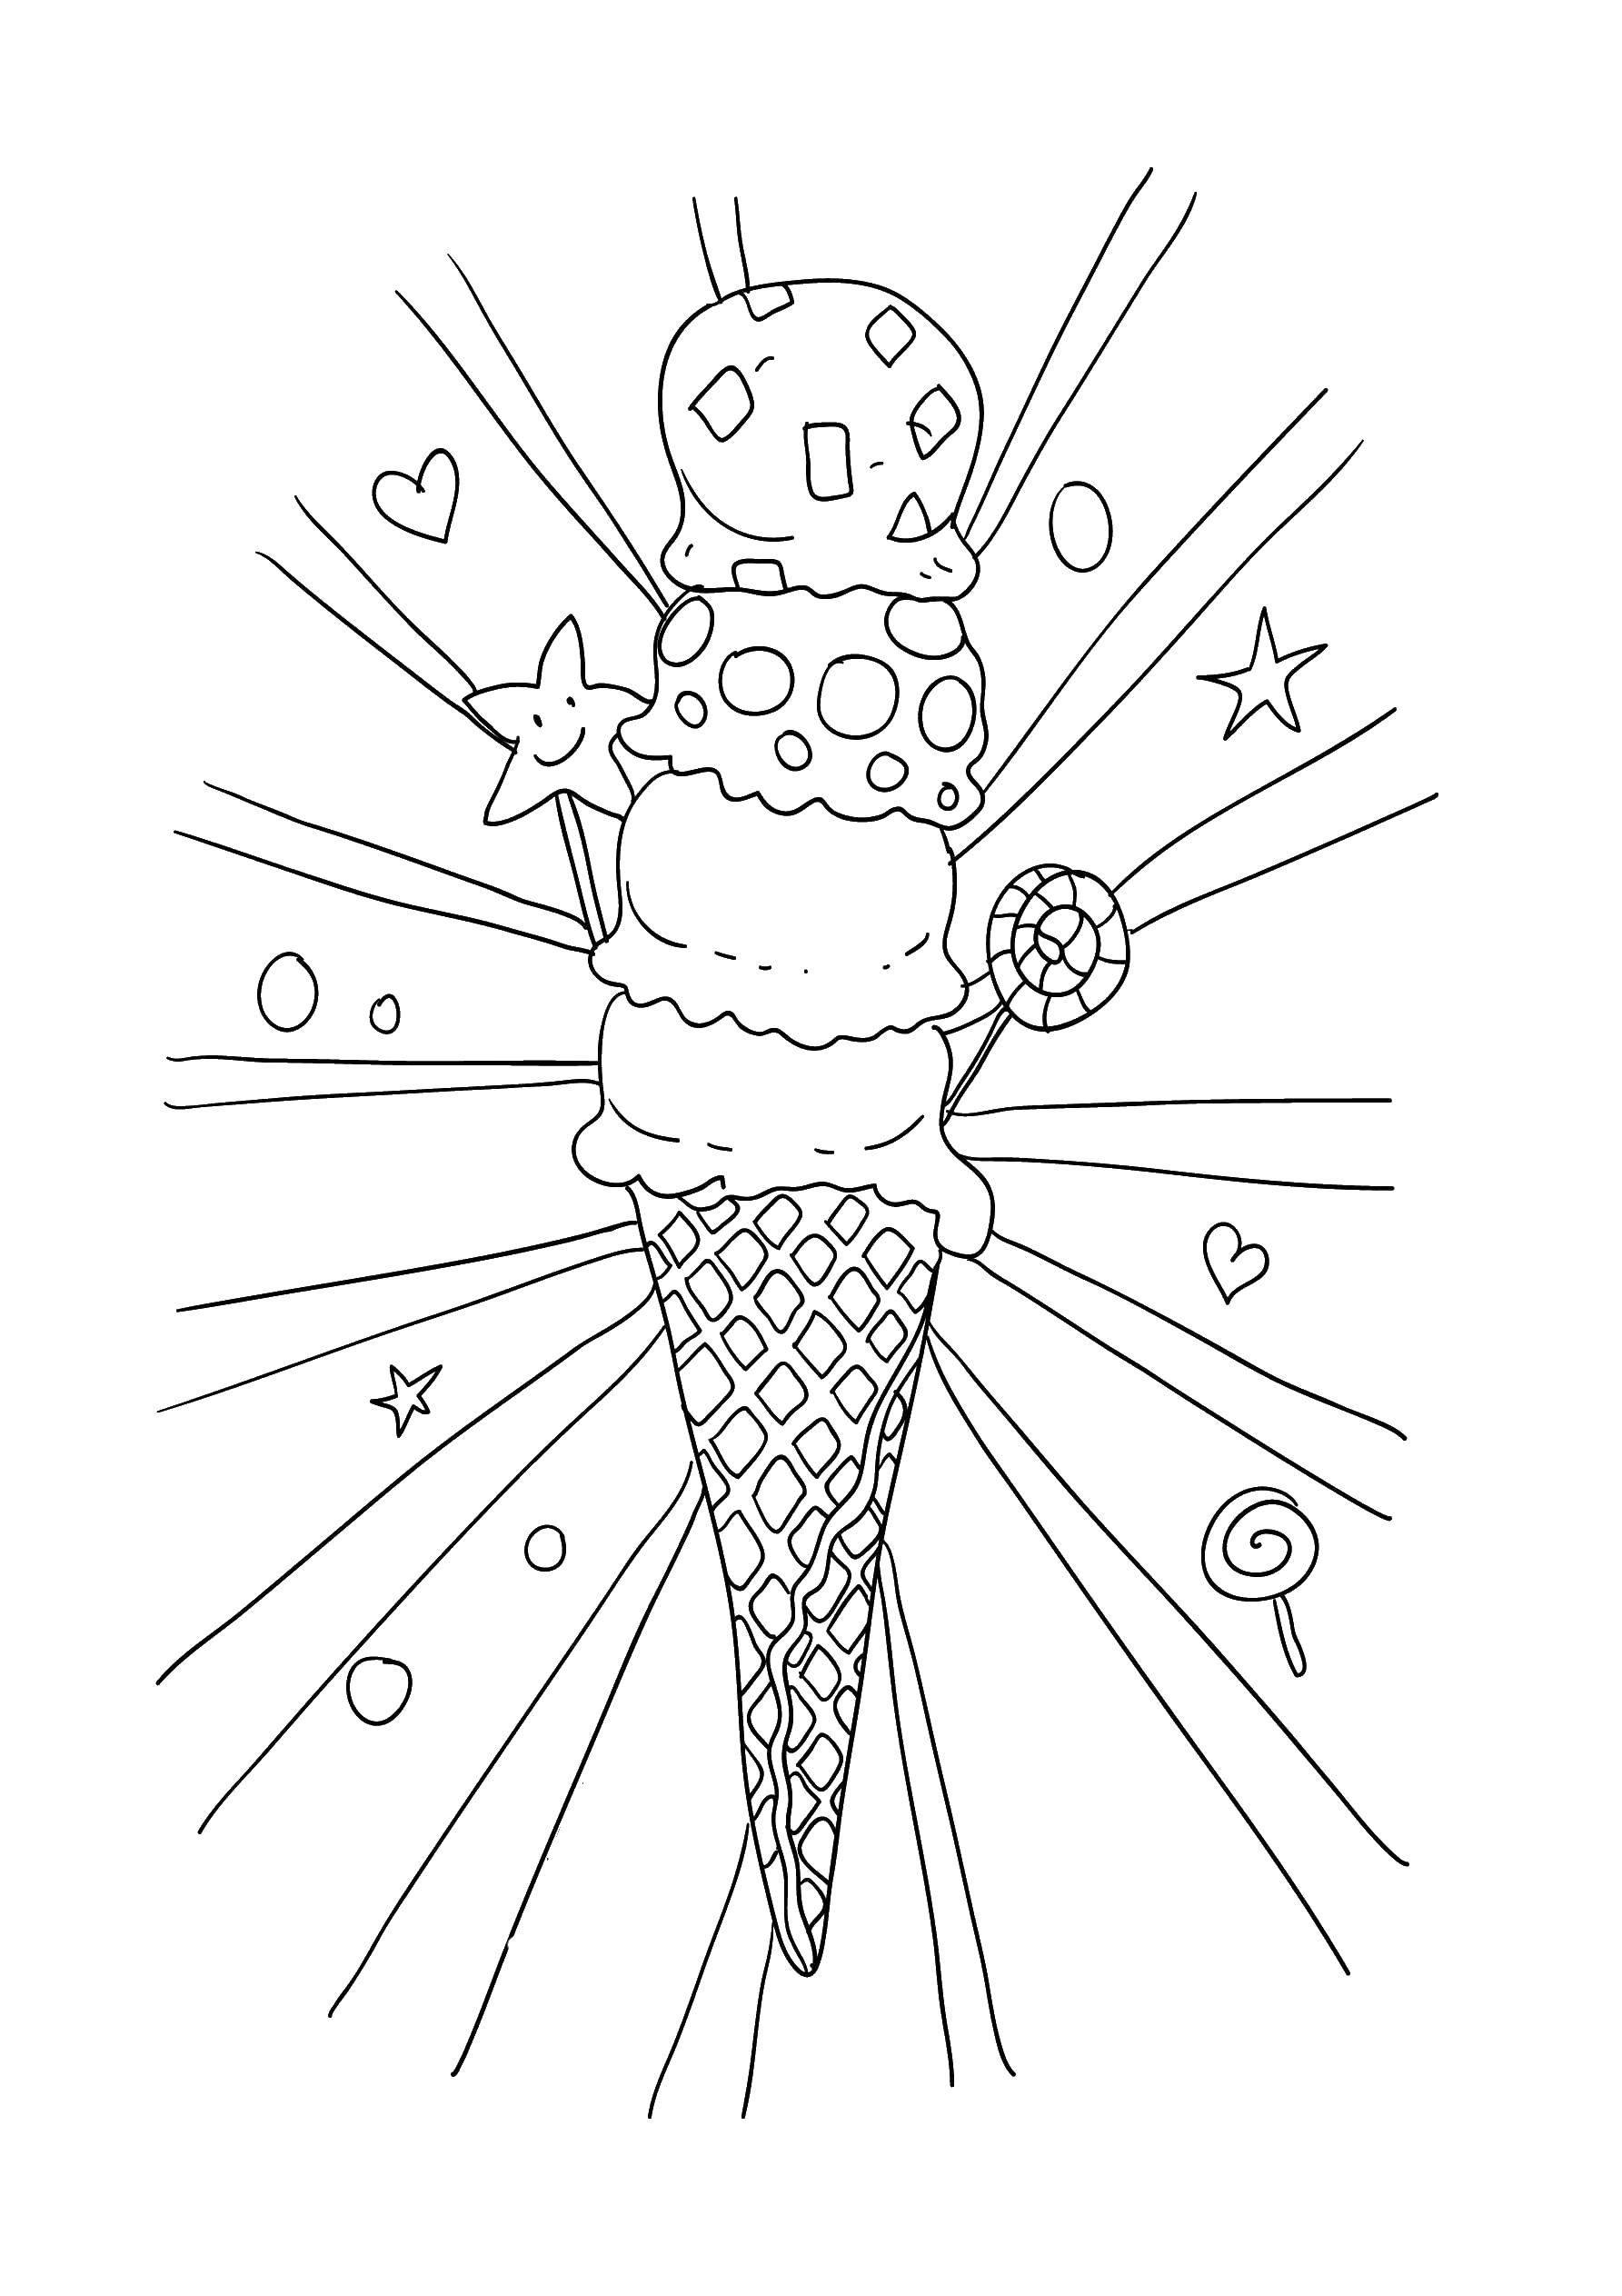 раскраски раскраска четыре шарика мороженого мороженое